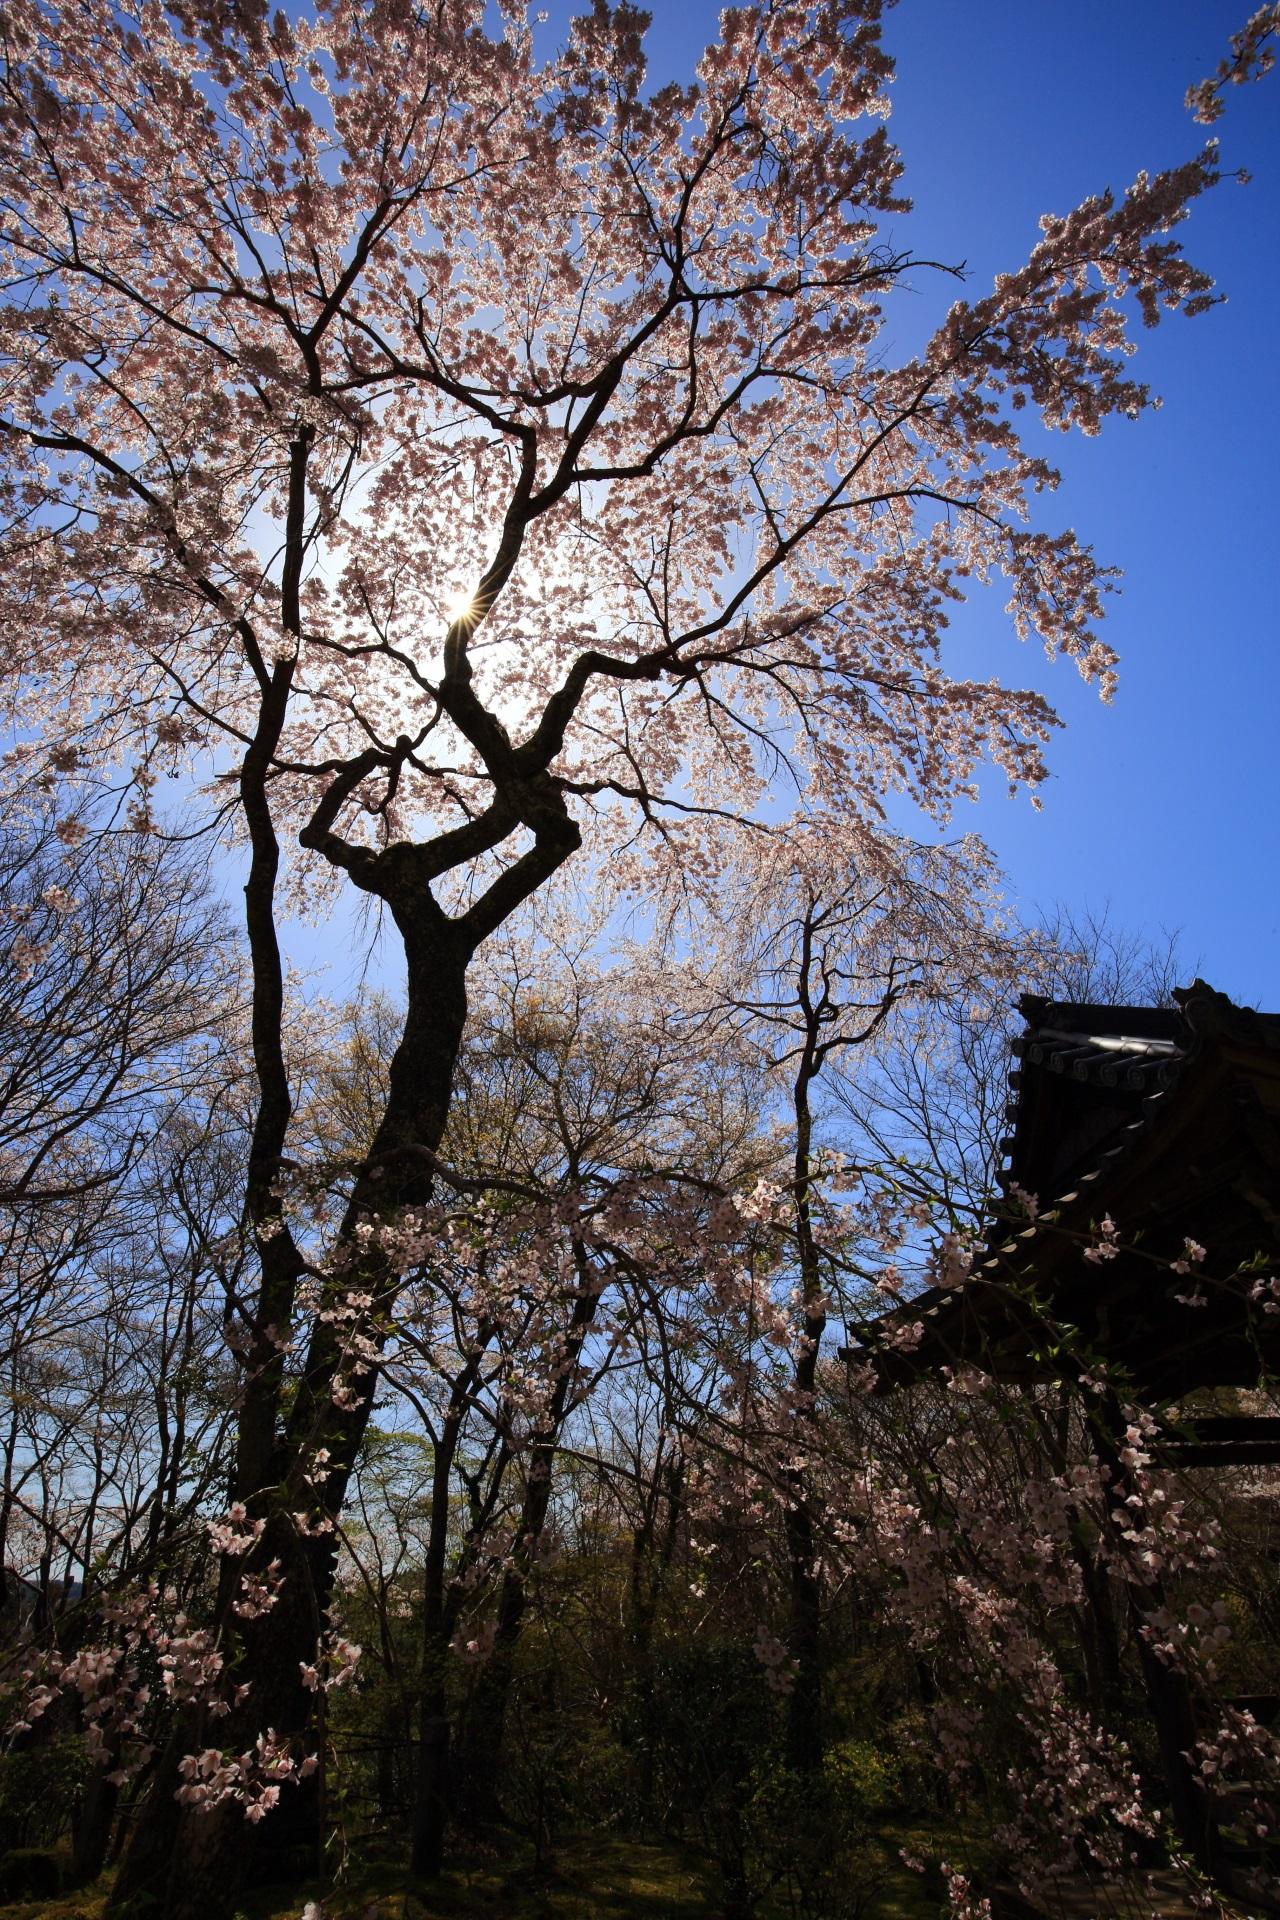 青空に写る西行桜のシルエットと太陽